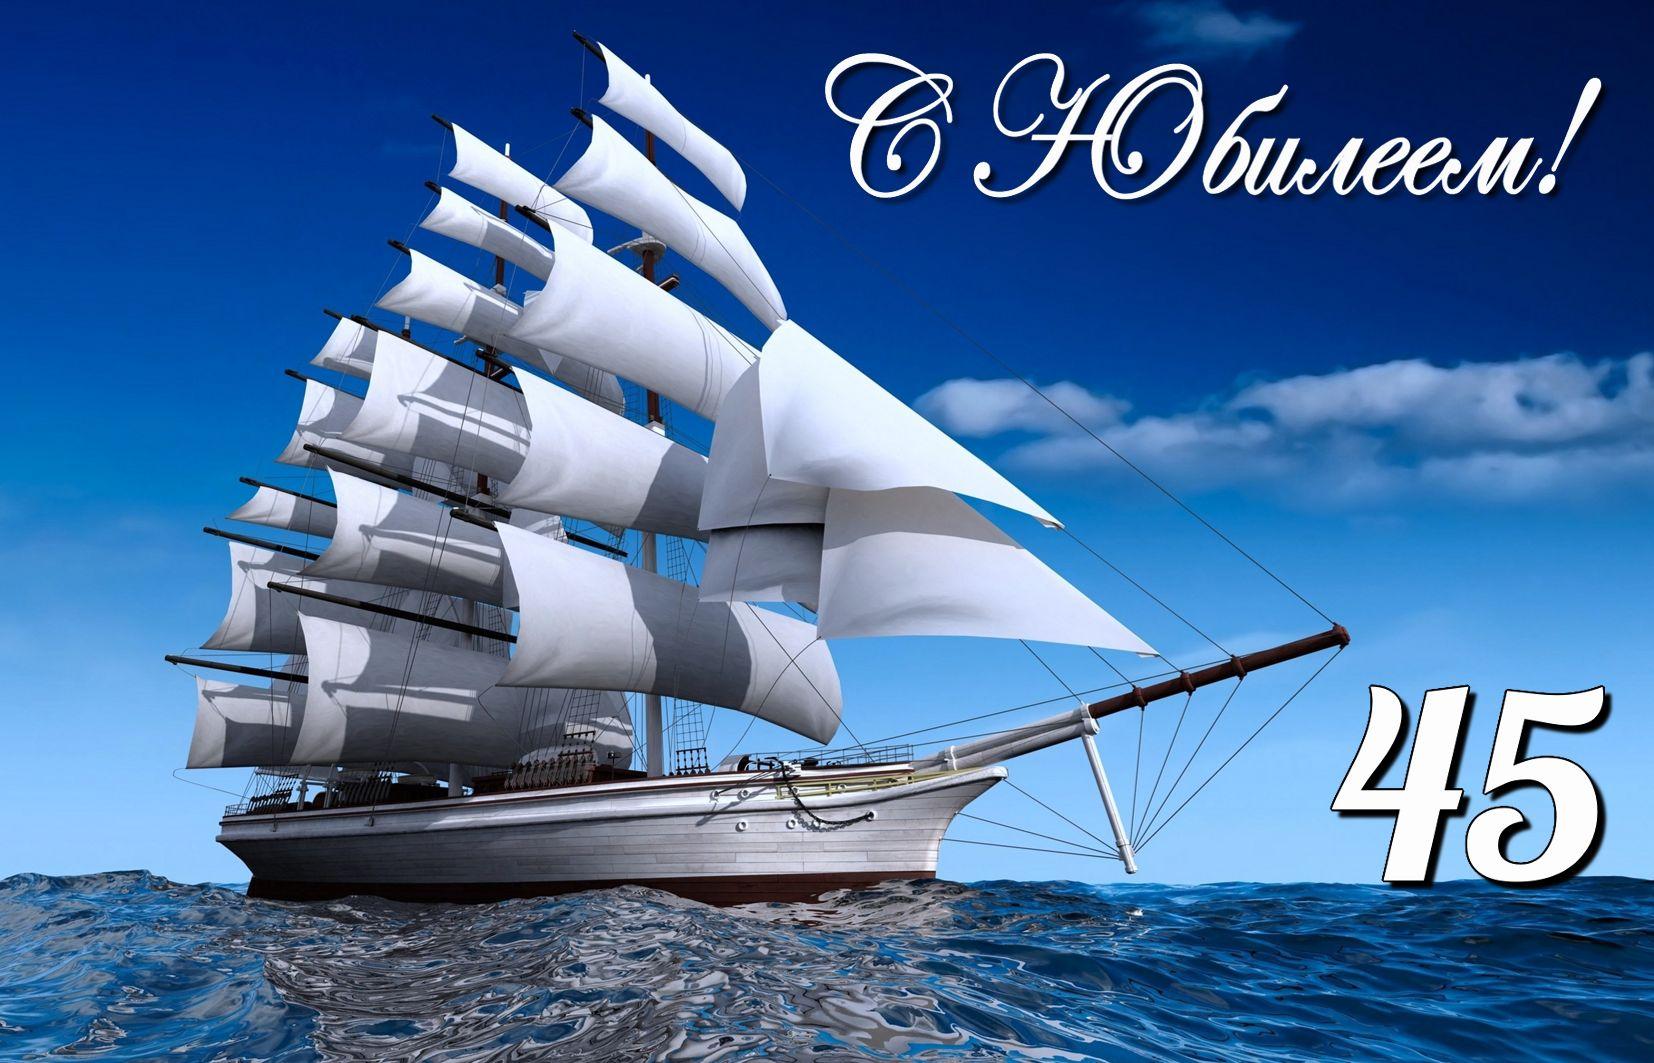 Открытка - яхта в открытом море на 45 День рождения